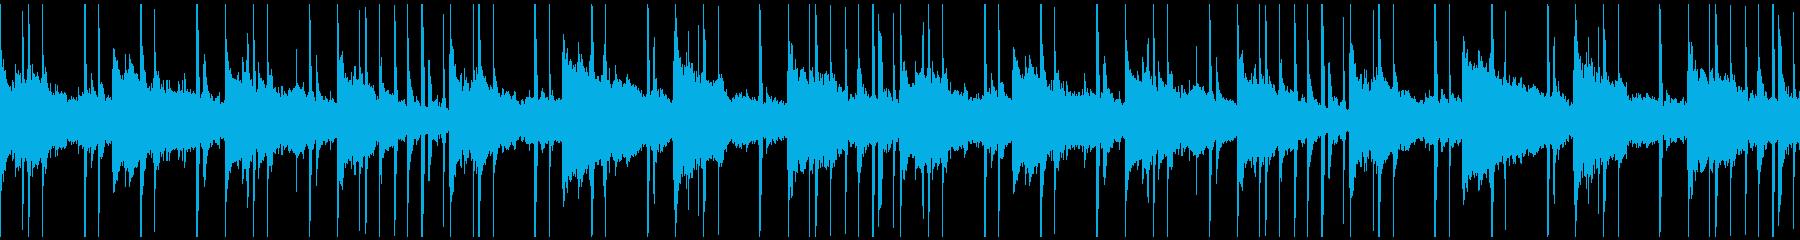 リラックスできるローファイなチルBGMの再生済みの波形